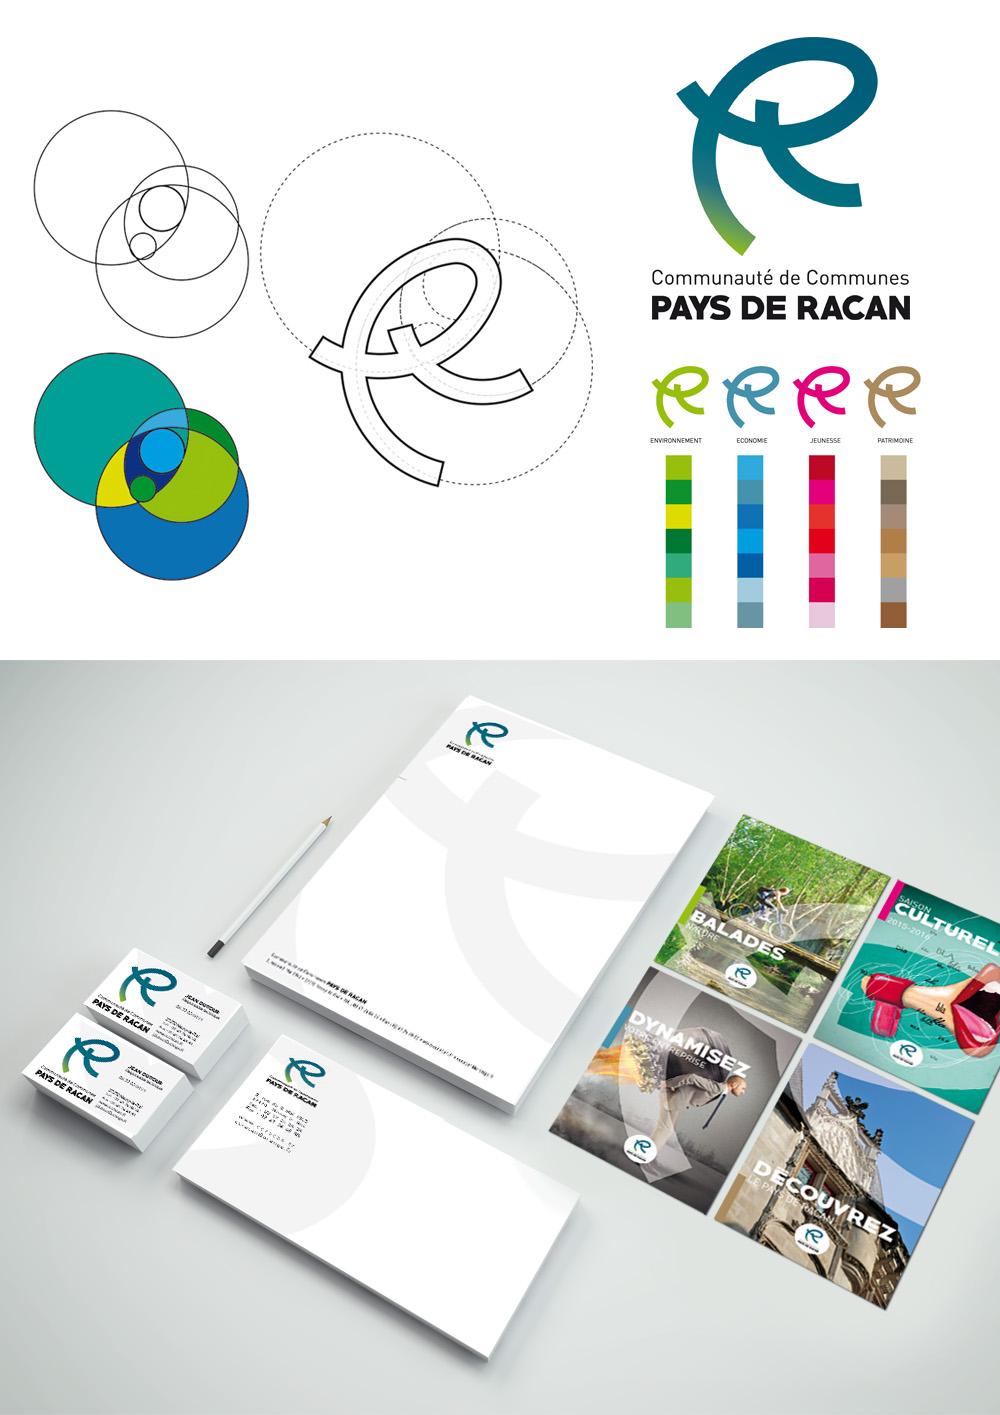 Conception d'un logo et d'une charte graphique pour la Communauté de communes Pays de Racan